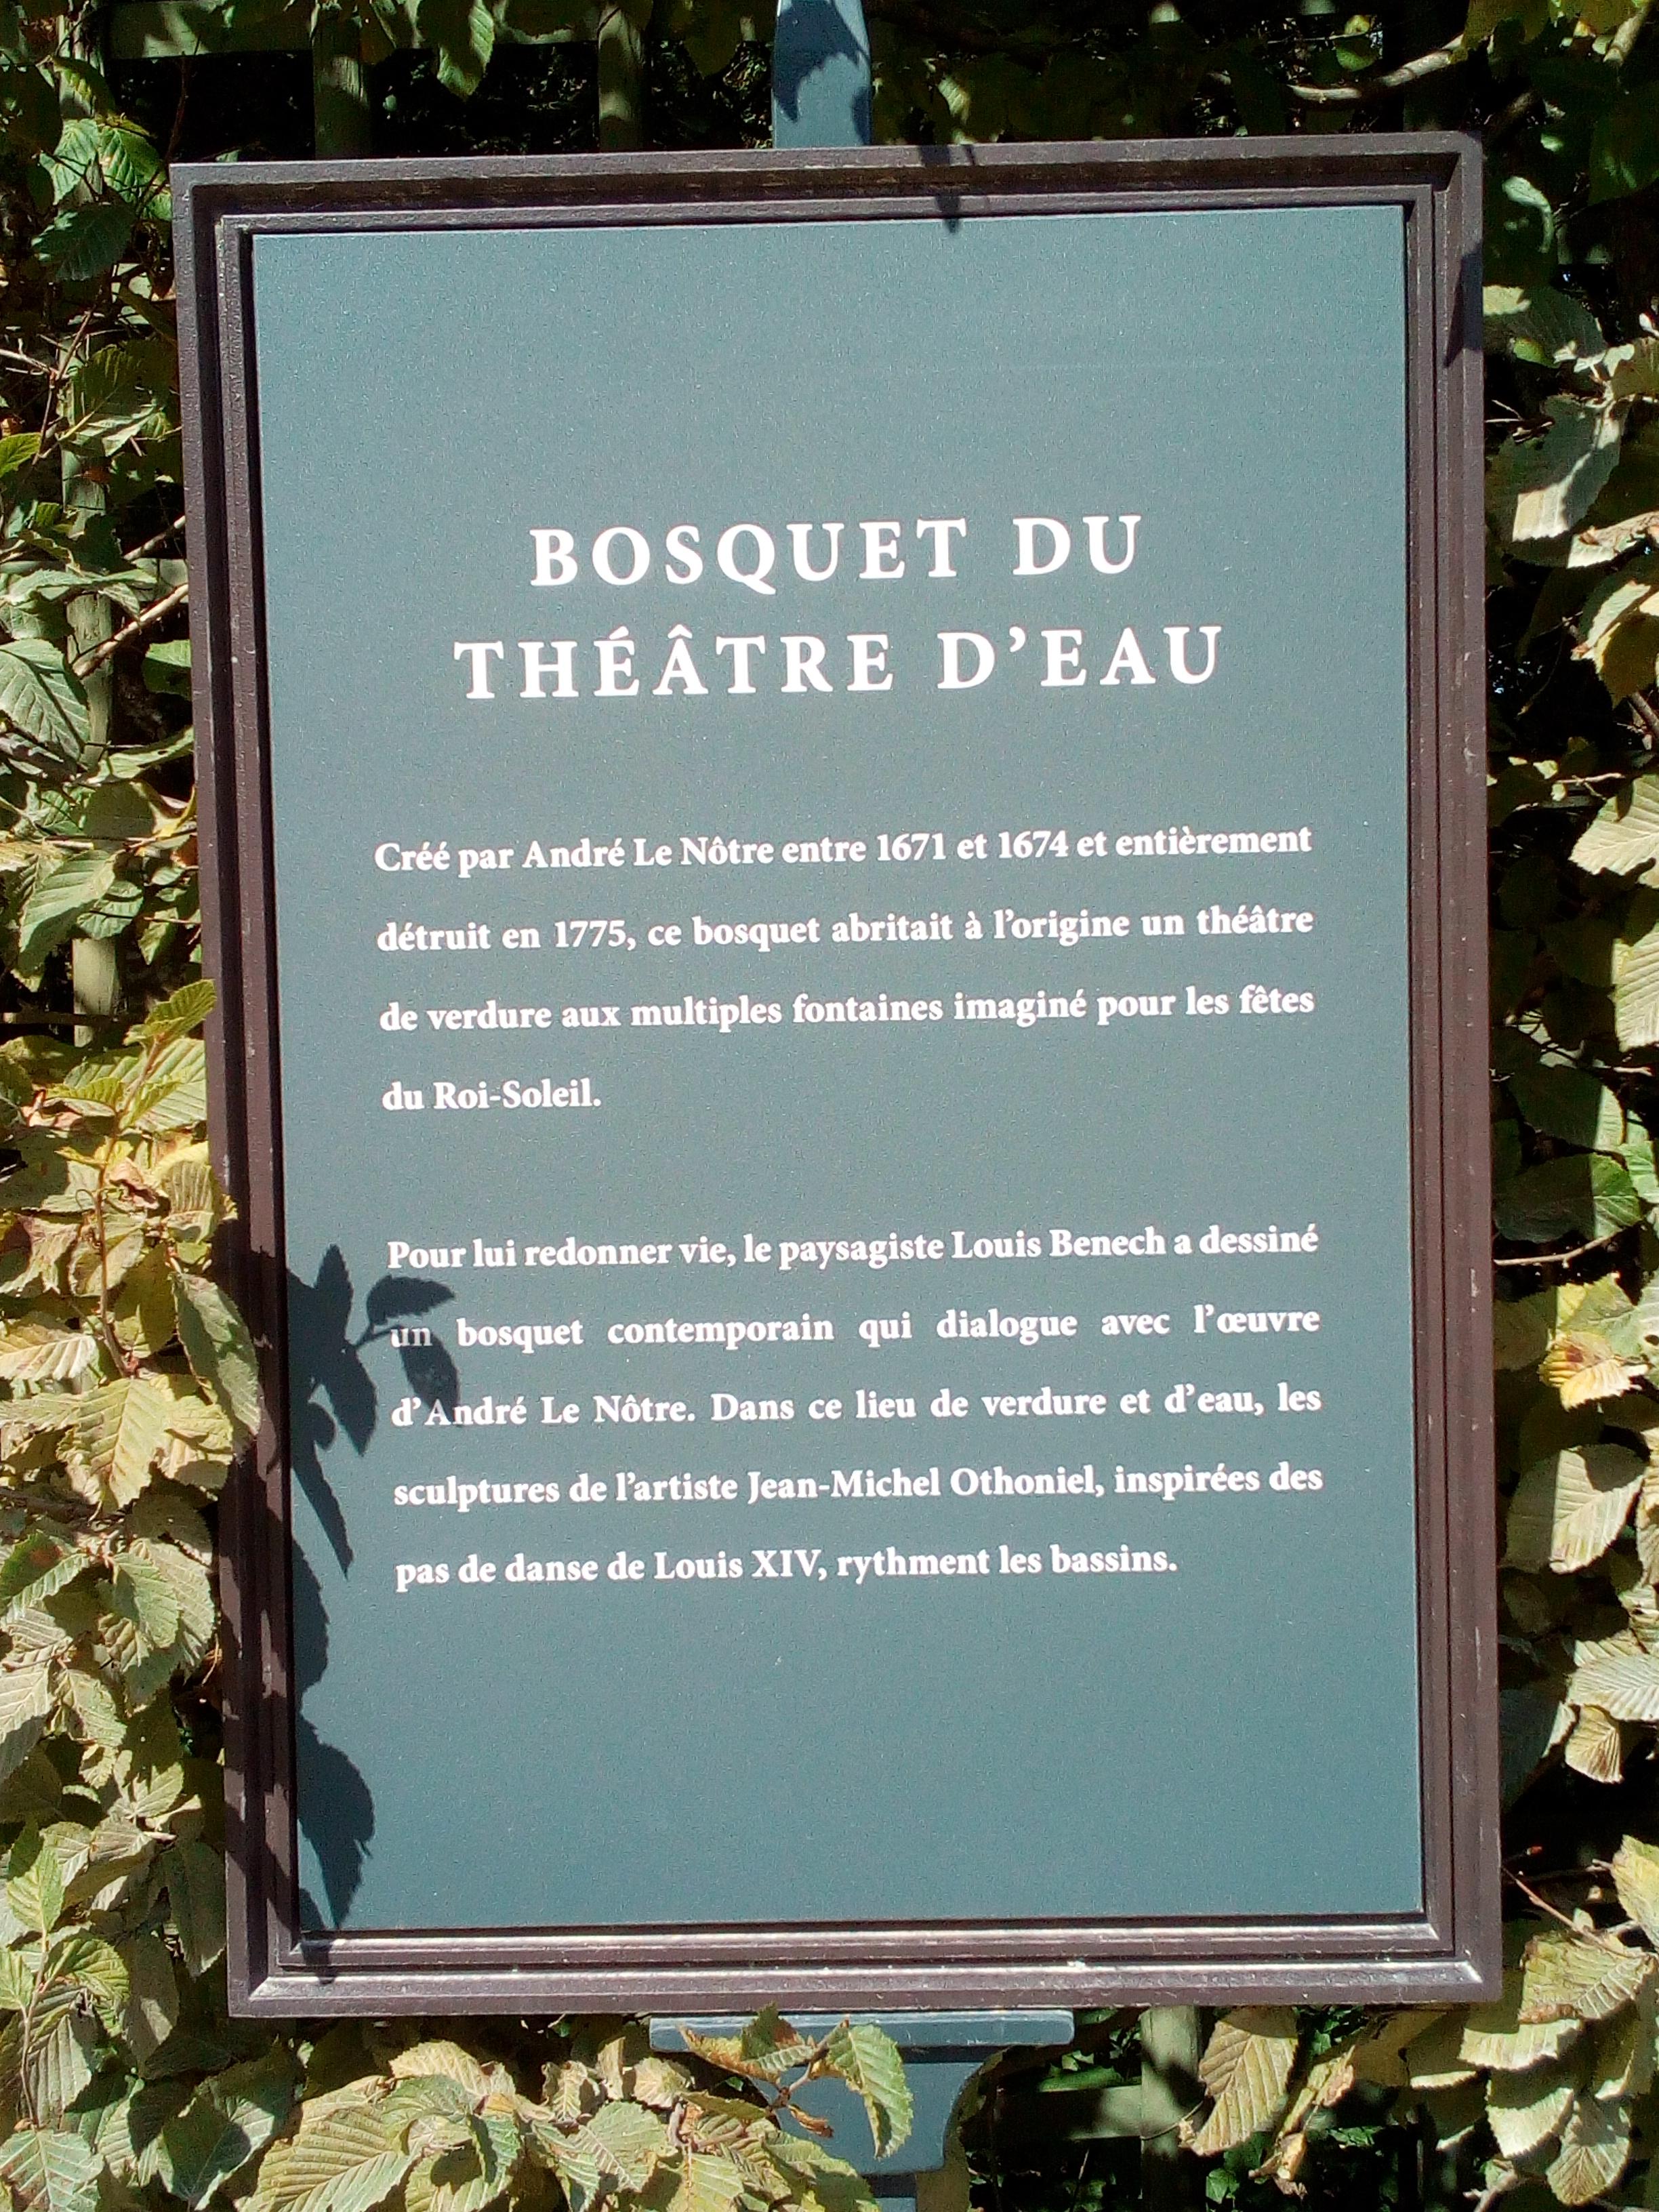 Château de Versailles, Jardins, Bosquet du Théâtre d'Eau